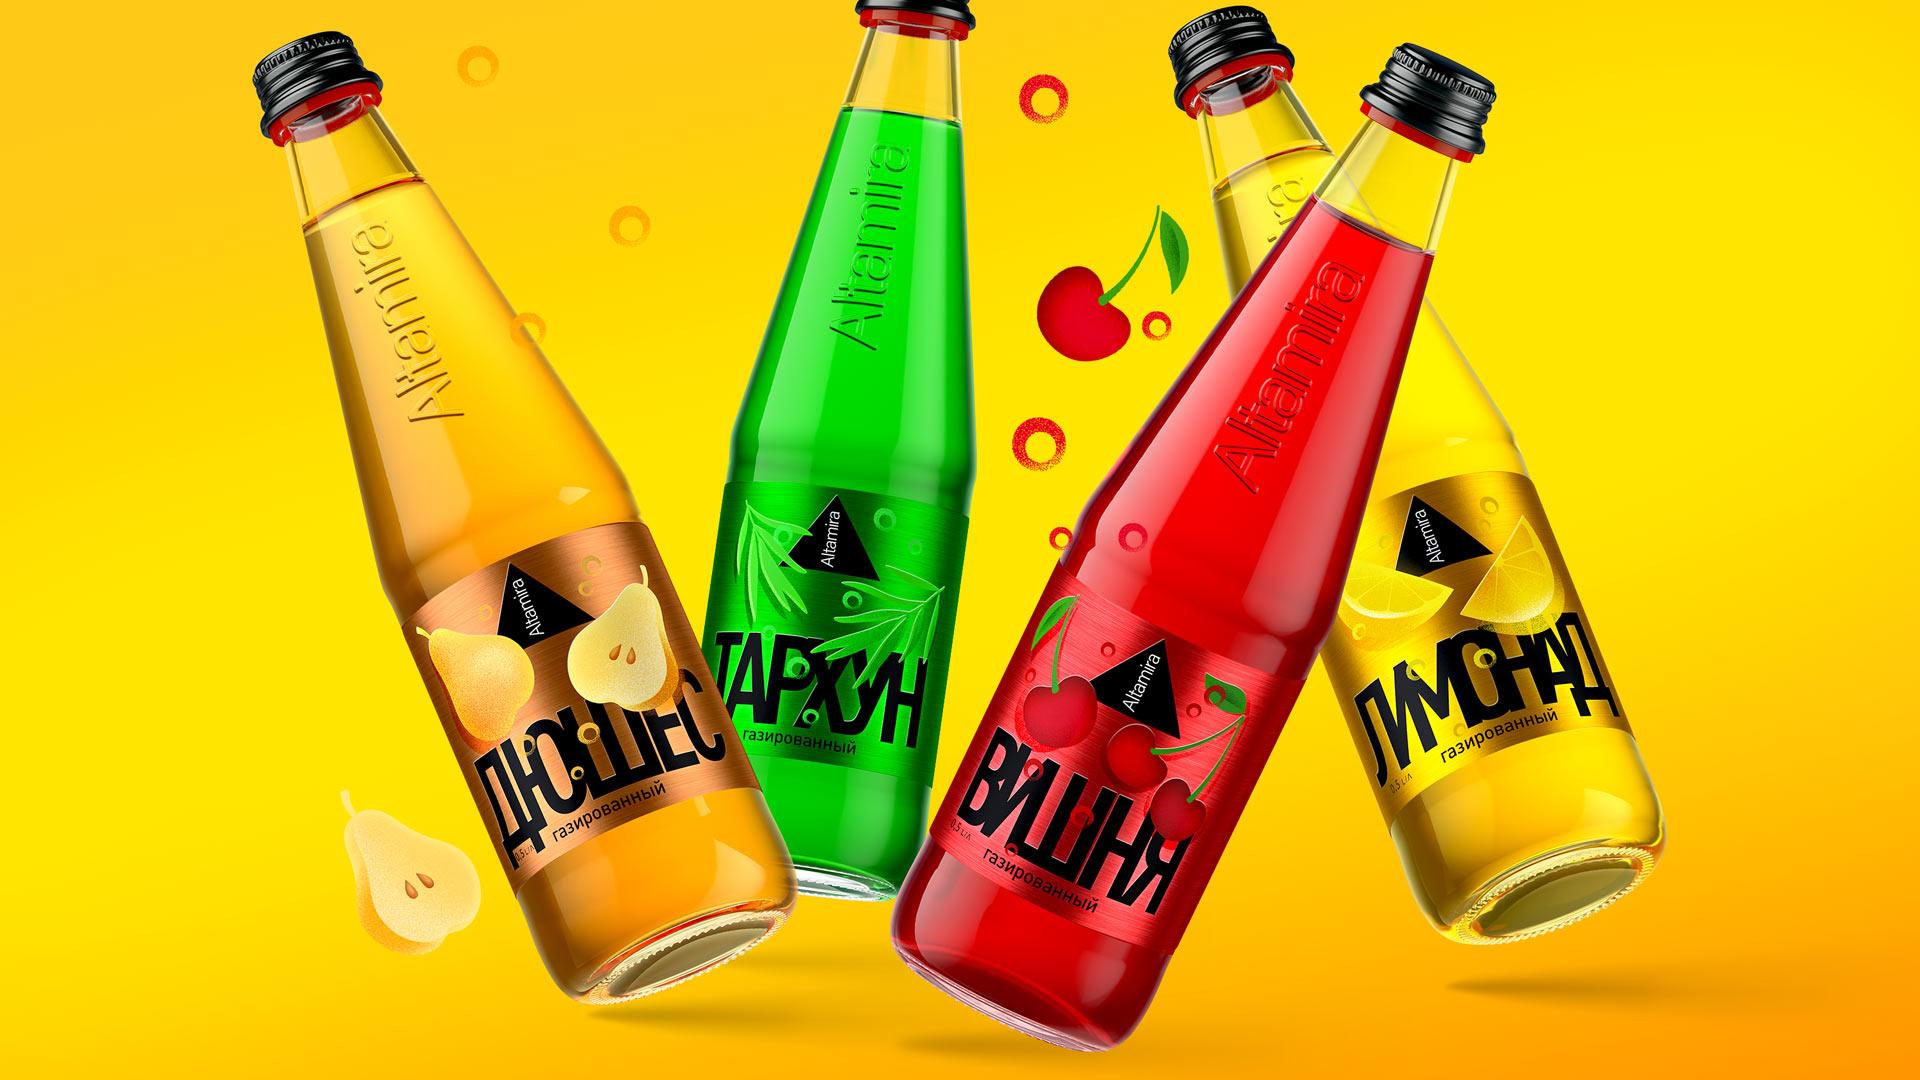 Дизайн лимонадов Altamira